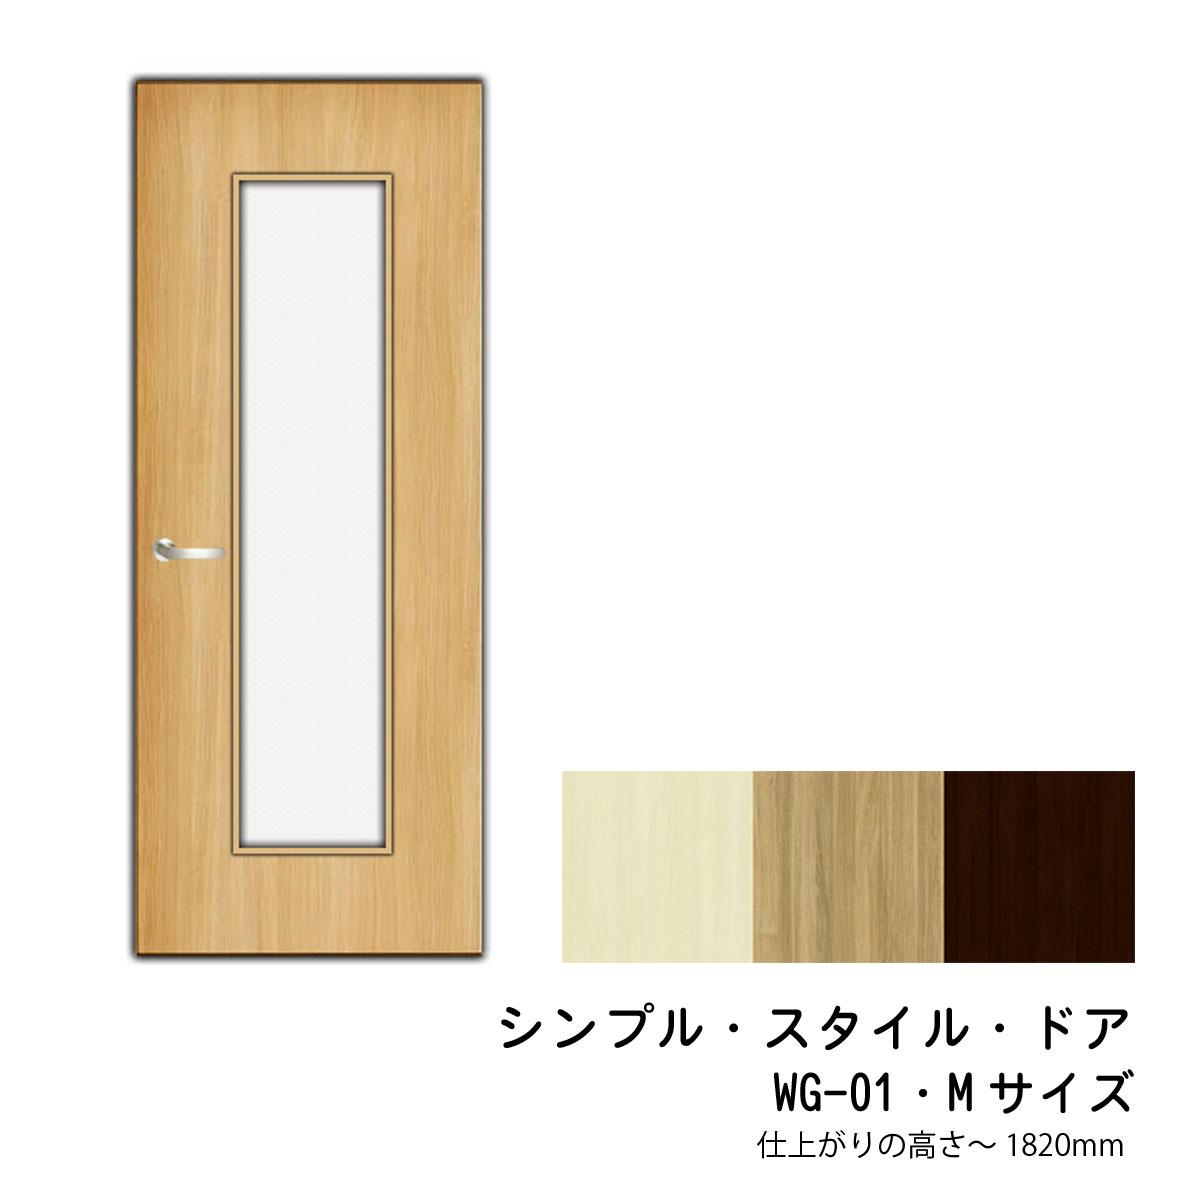 シンプル・スタイル・ドアWG-01 / Mサイズ(仕上がりの高さ~1820mm)■ふすま(襖)を洋風建具にリフォーム(door/扉/ふすま/襖/襖紙/ふすま/引き戸/ふすま紙/リフォーム)